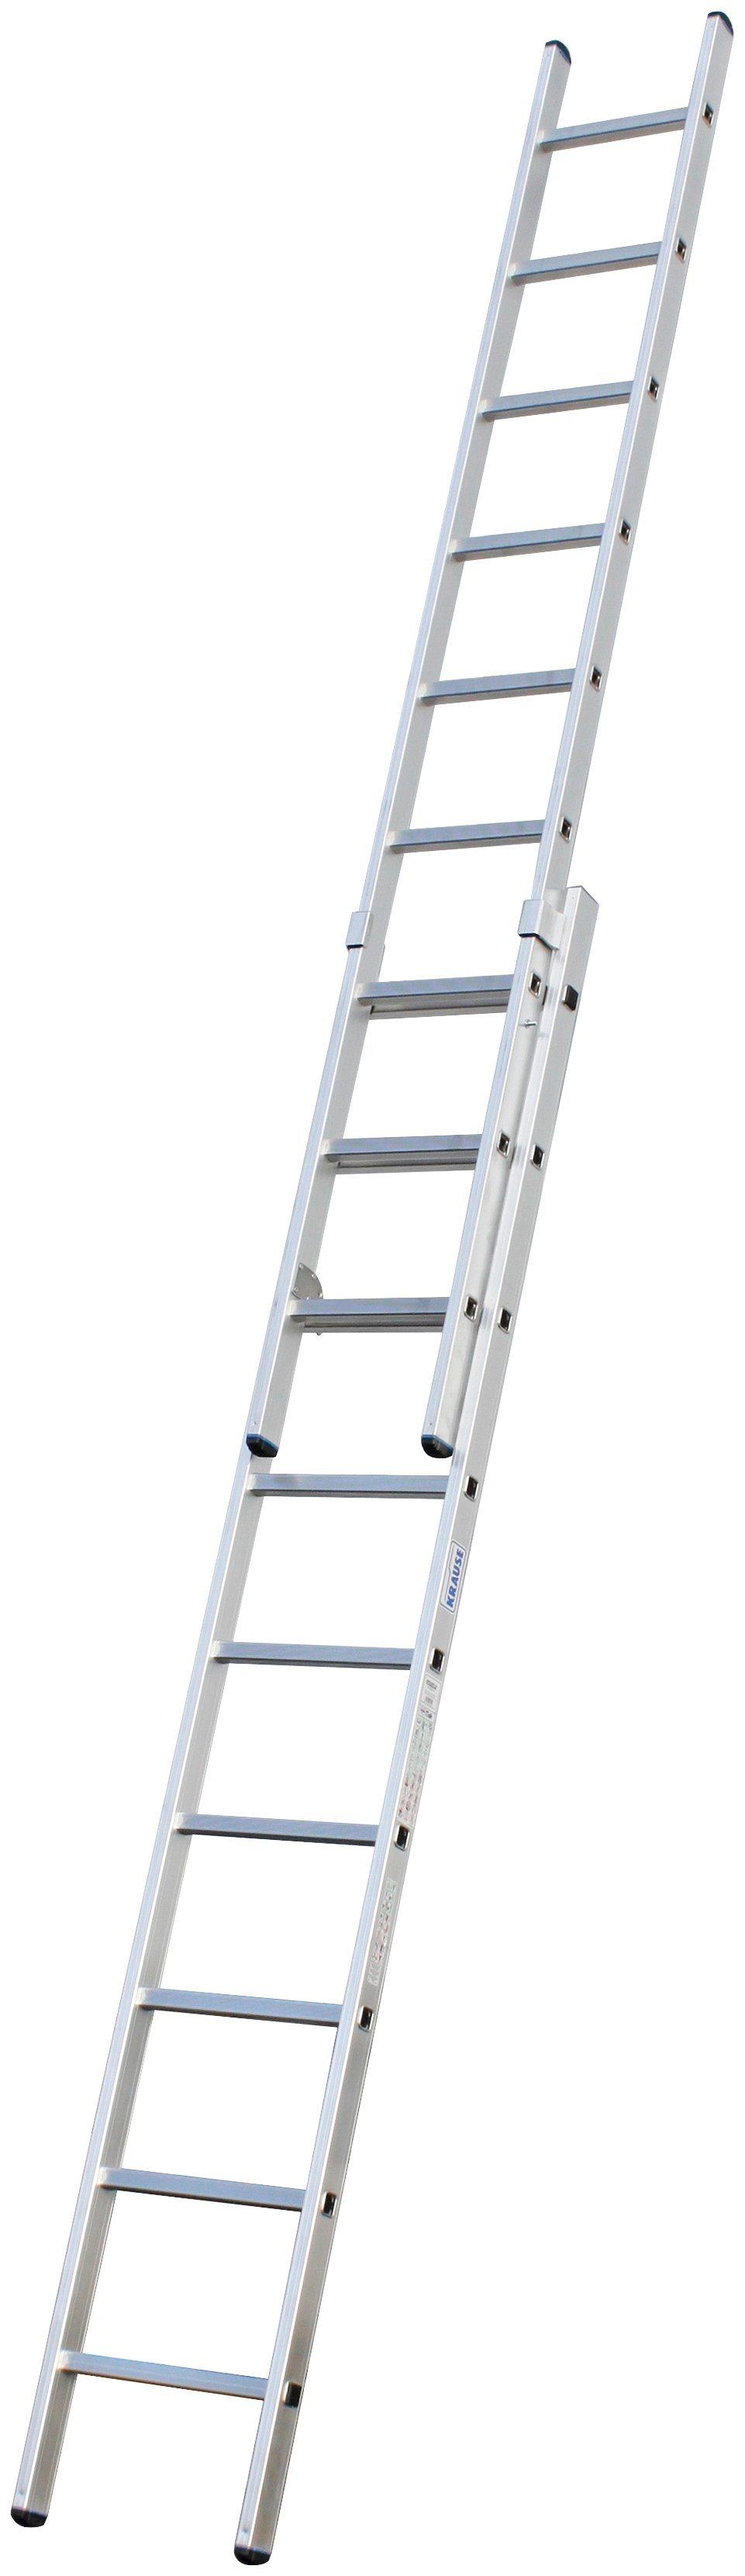 KRAUSE Schiebeleiter »STABILO«, zweiteilig | Baumarkt > Leitern und Treppen > Schiebeleiter | KRAUSE